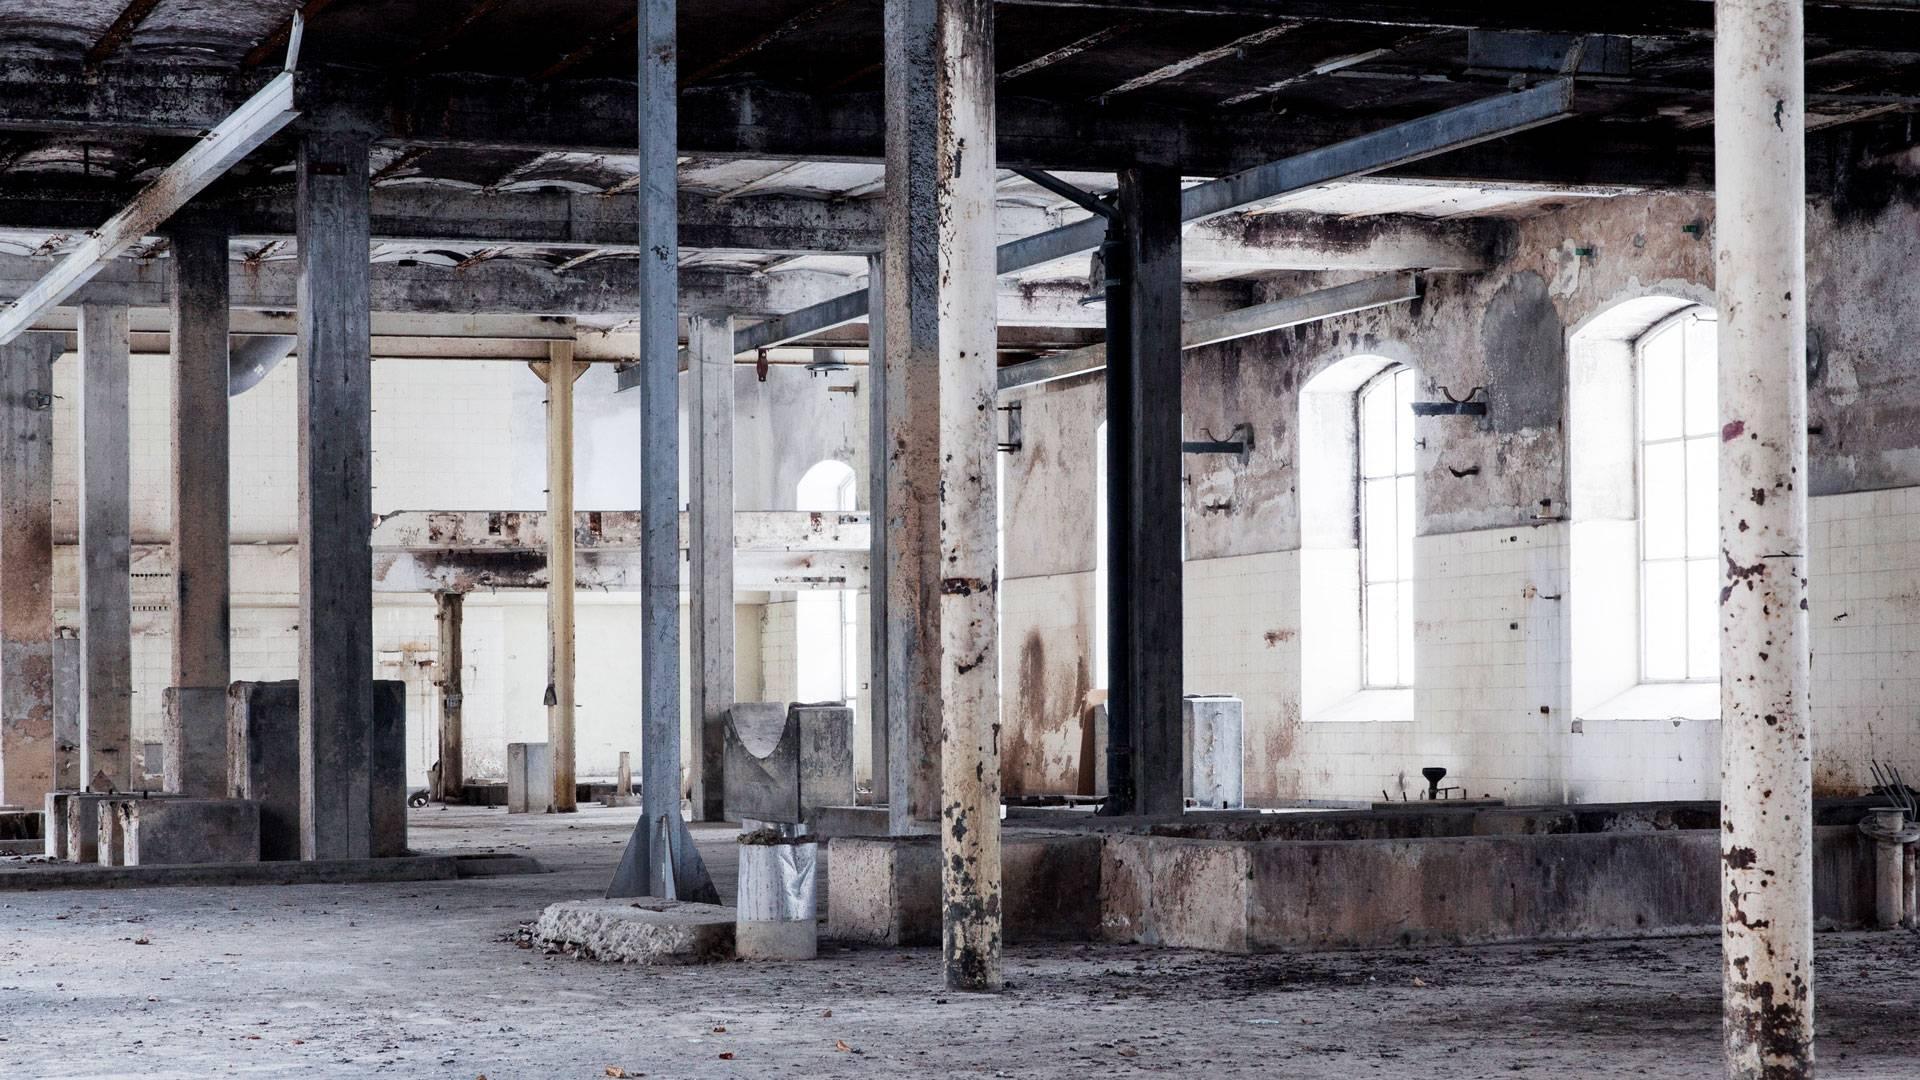 Ancienne fabrique de pâte de bois, Rondchâtel © Giona Mottura